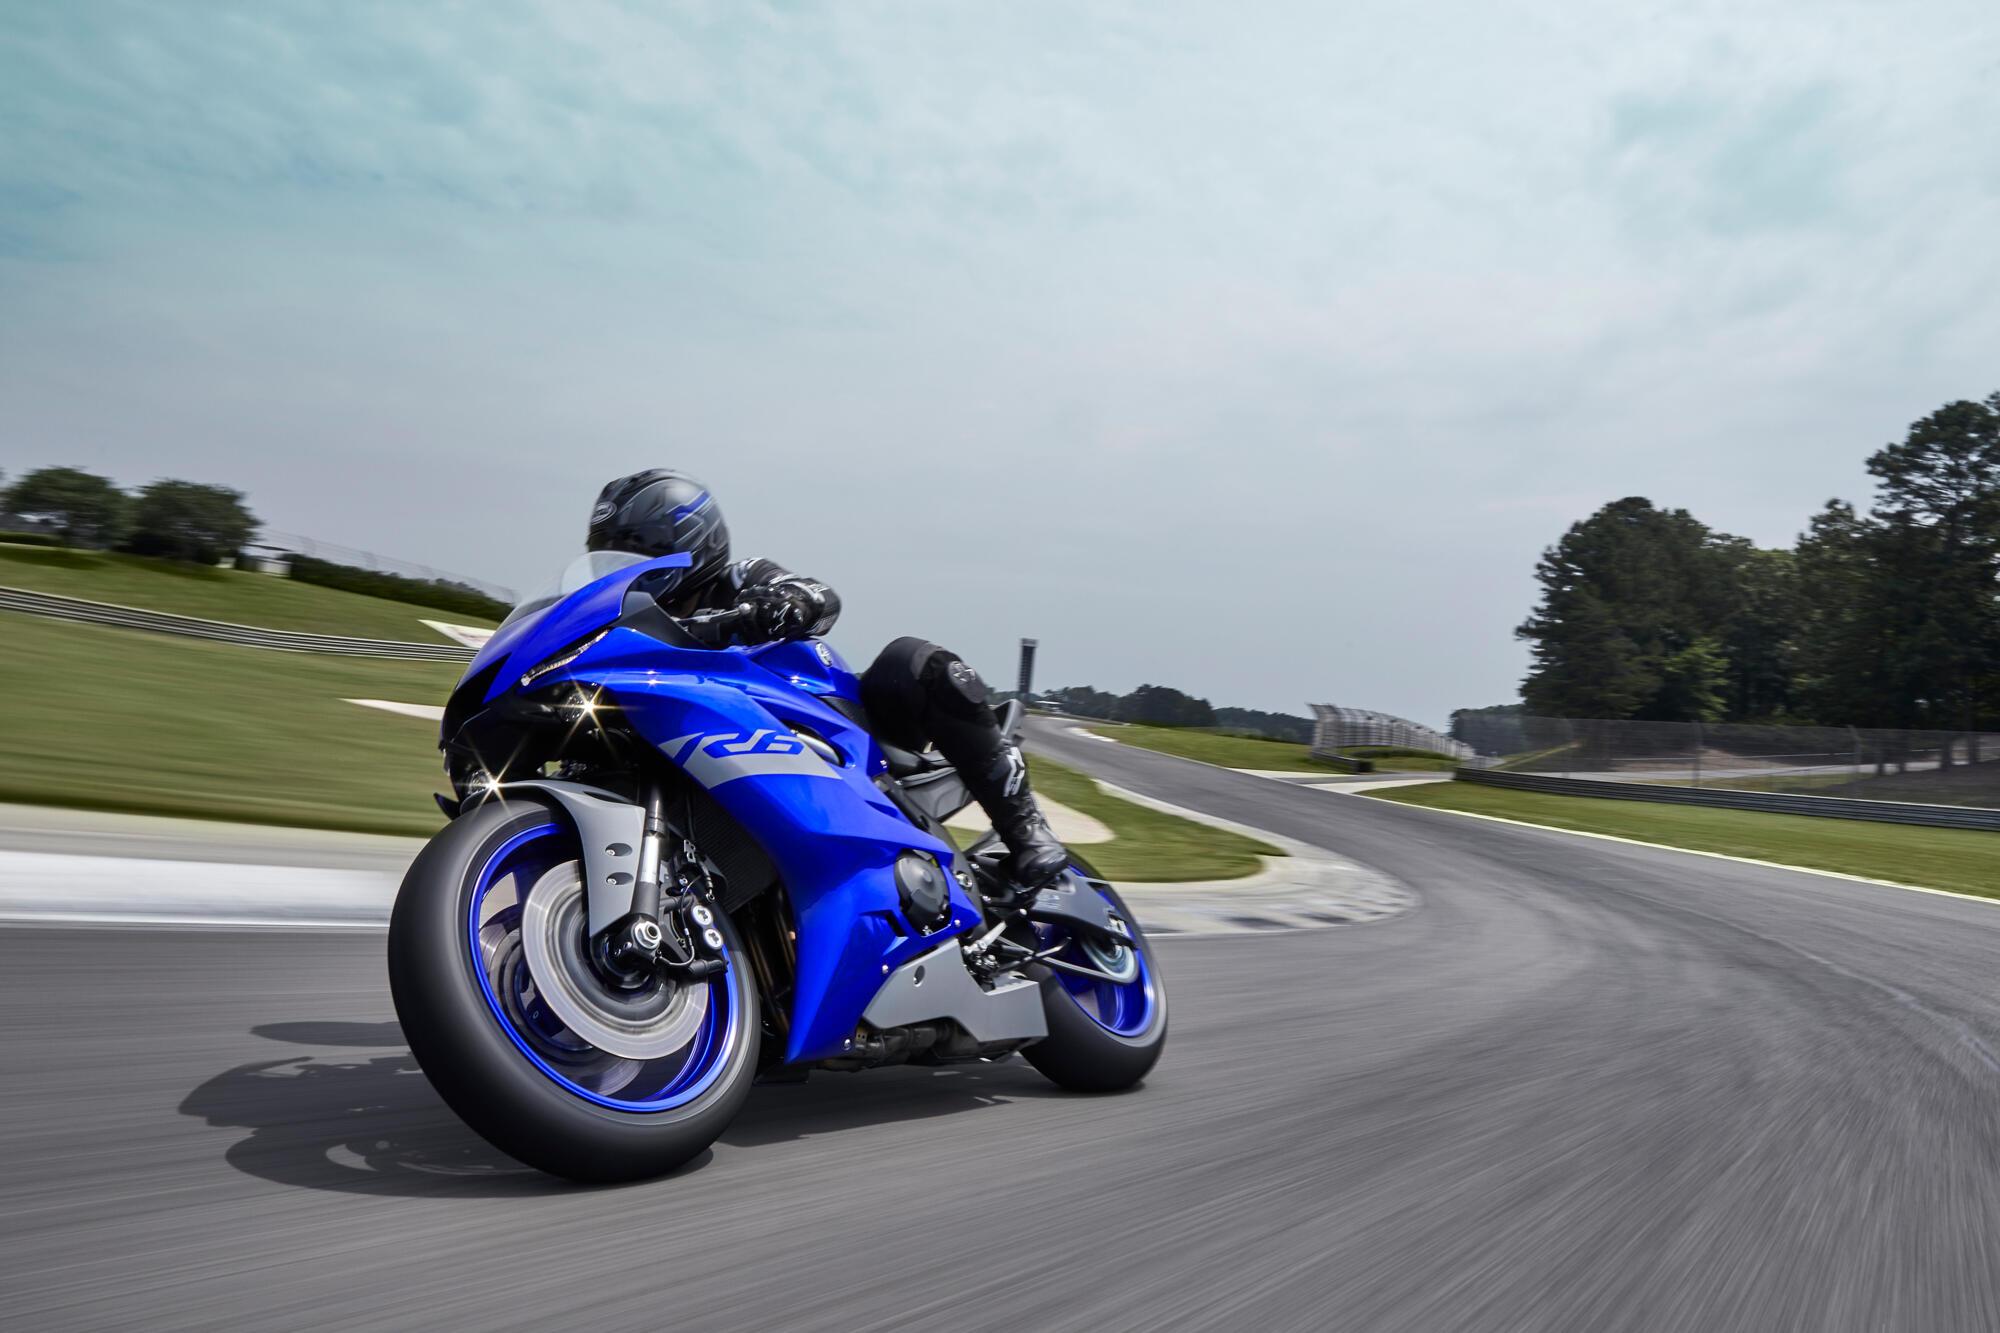 Yamaha R6 lato sx